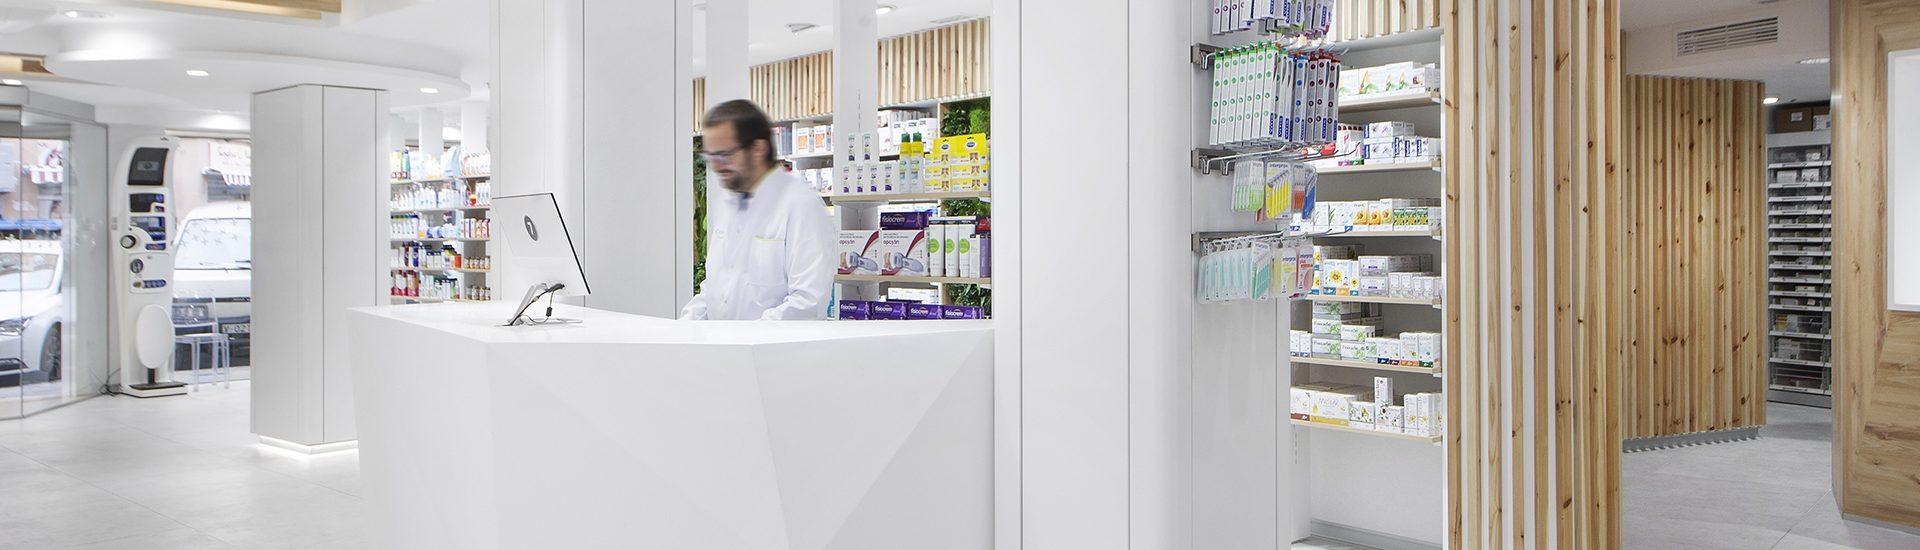 Proyecto de Farmacia Domenech 23